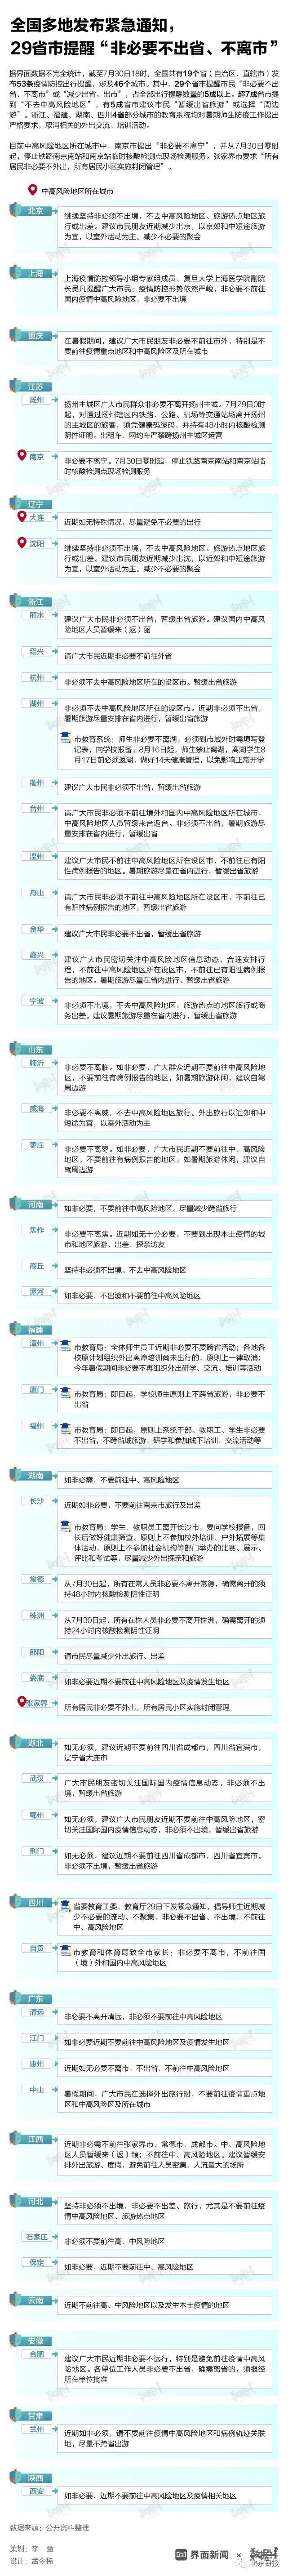 南京疫情传播链再延长,多地发紧急通知、景区关闭